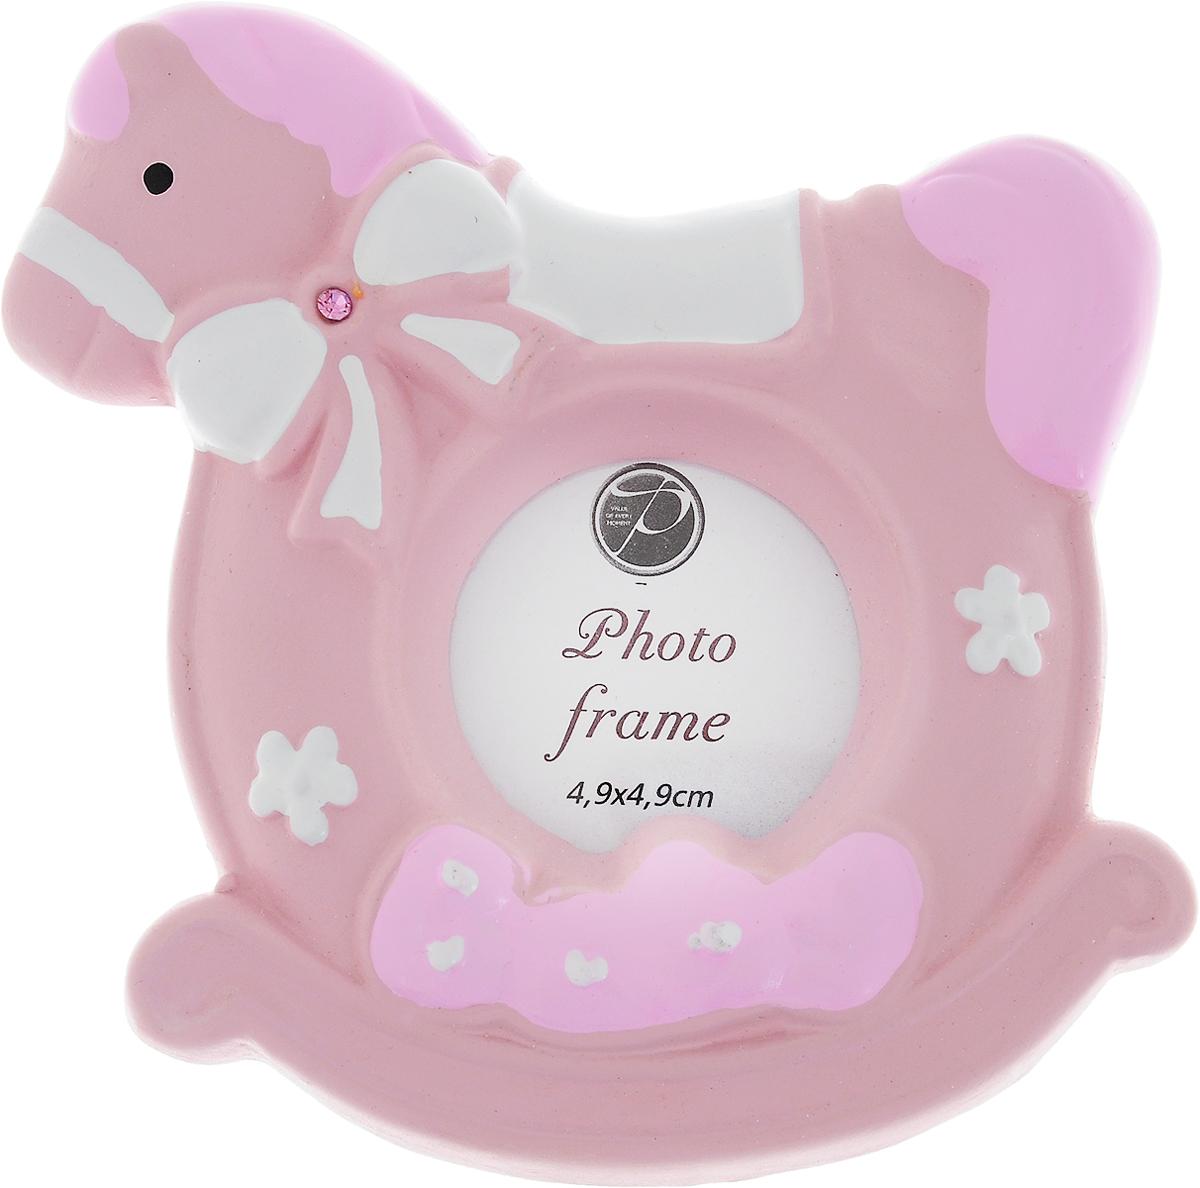 Фоторамка Pioneer, цвет: розовый, 4,9 х 4,9 см19_розовый, белыйФоторамка Pioneer изготовлена из высококачественной керамики и картона с металлическими элементами. Изделие выполнено в виде лошадки и декорирована надписью Baby. Оборотная сторона рамки оснащена специальной ножкой, благодаря которой ее можно поставить на стол или любое другое место в доме или офисе. Такая фоторамка поможет вам оригинально и стильно дополнить интерьер помещения, а также позволит сохранить память о дорогих вам людях и интересных событиях вашей жизни.Размер фотографии: 4,9 х 4,9 см. Размер фоторамки: 10,5 х 10,5 х 2 см.